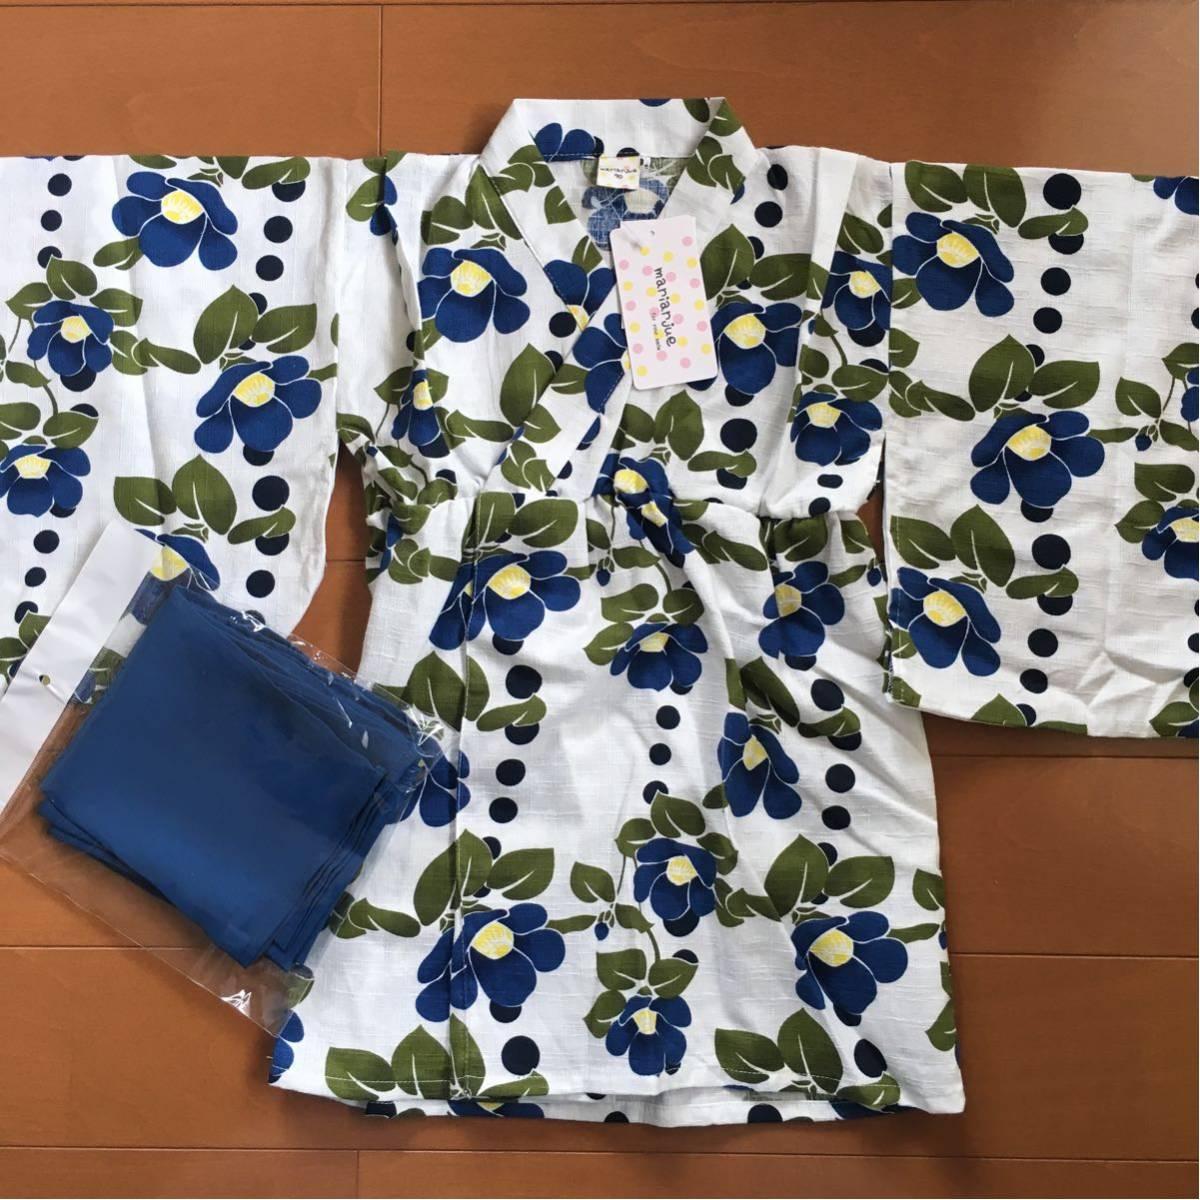 【即決】新品★ゆかたドレス 浴衣ドレス 浴衣ワンピース 甚平 和柄 夏祭り 花火 90